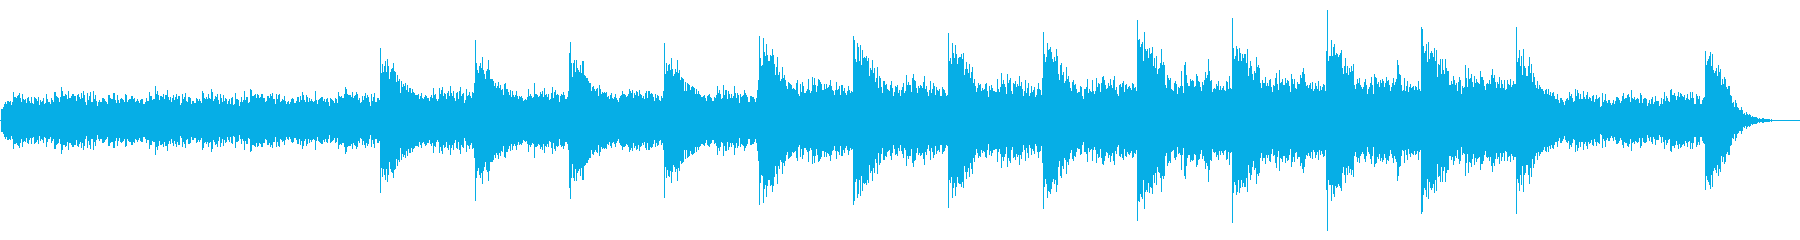 不気味で奇妙なSFホラー系シネマティックの再生済みの波形